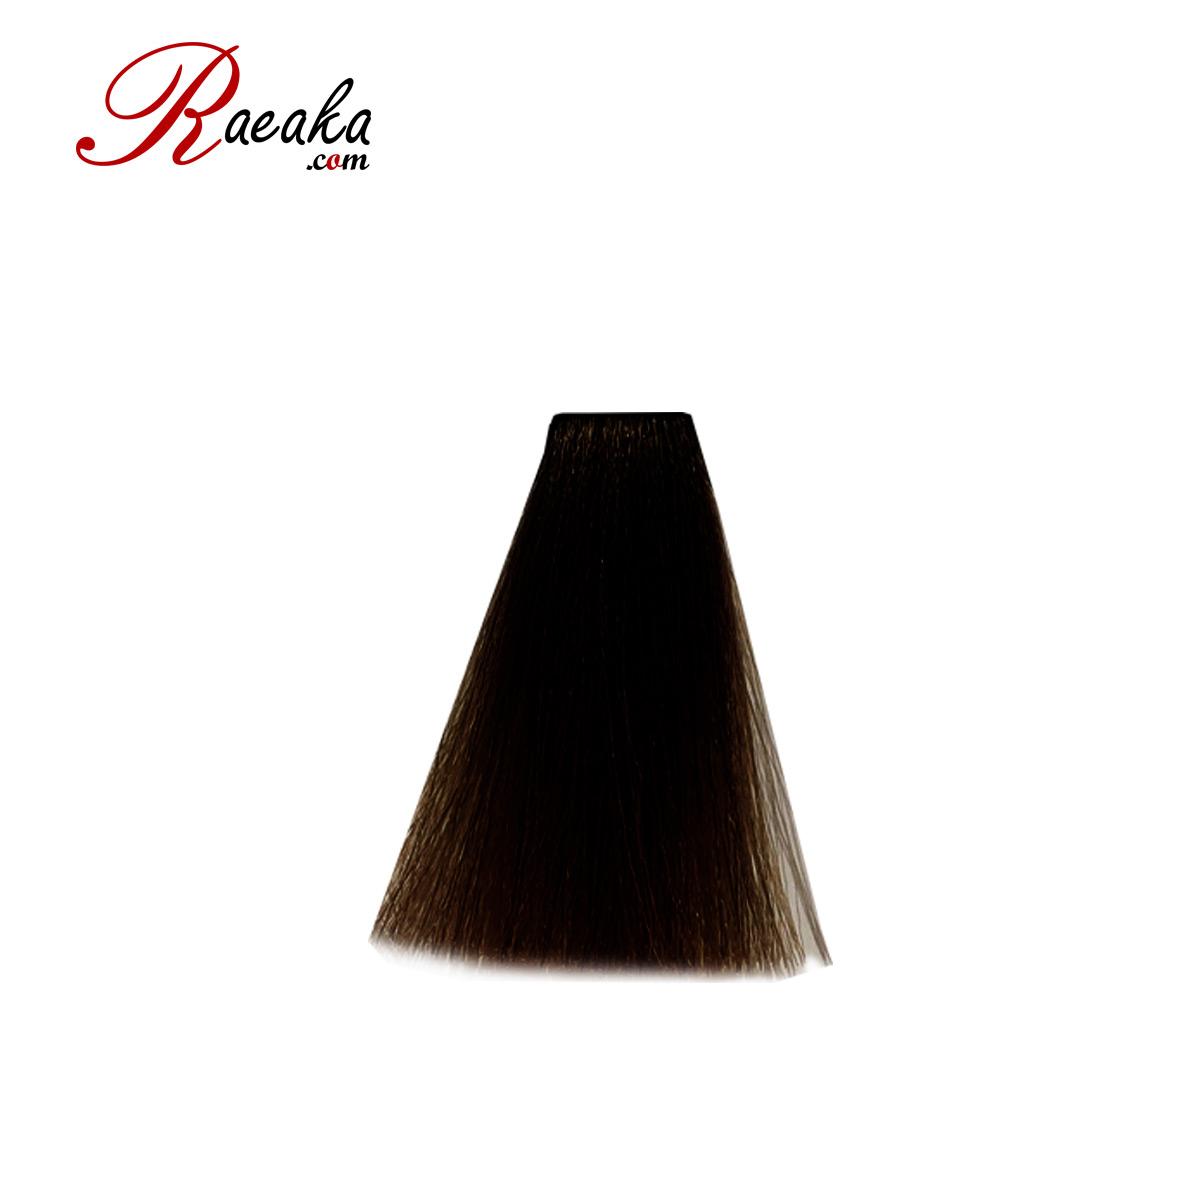 رنگ مو دوشس سری طبیعی اکسترا شماره 00-5 حجم 125 میلی لیتر